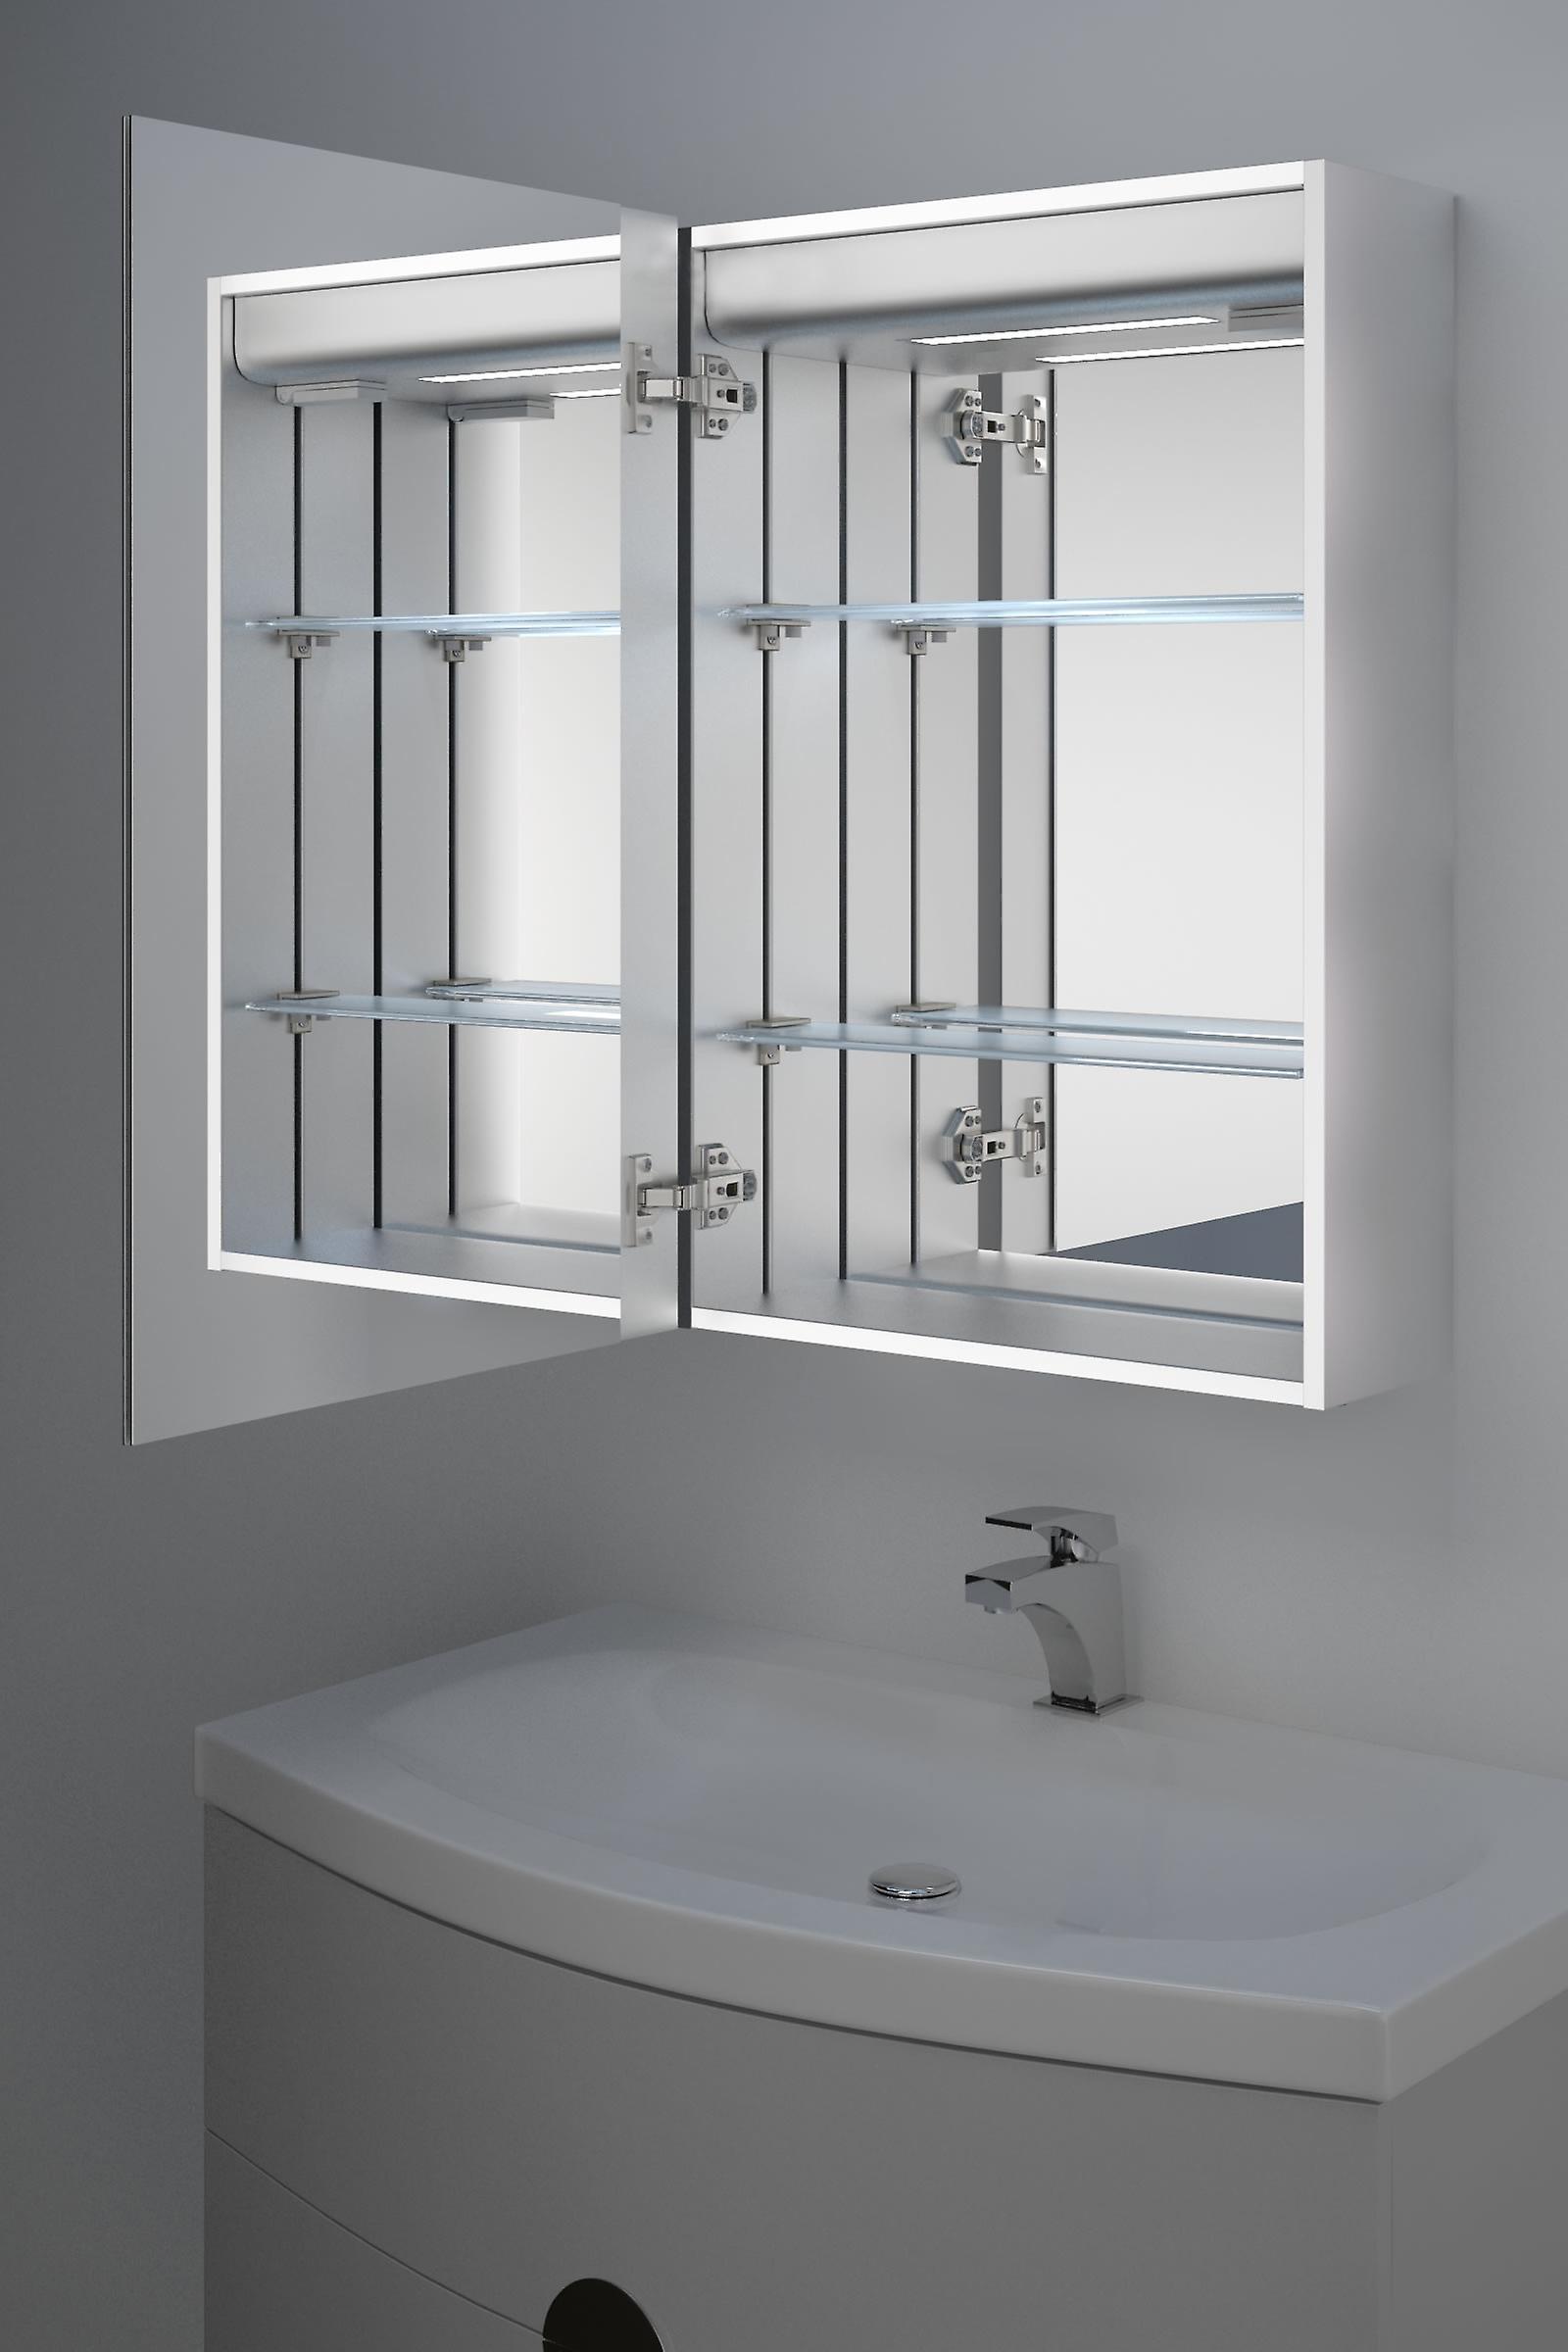 Bijou LED lumineux salle de bain armoire avec capteur & rasoir k255